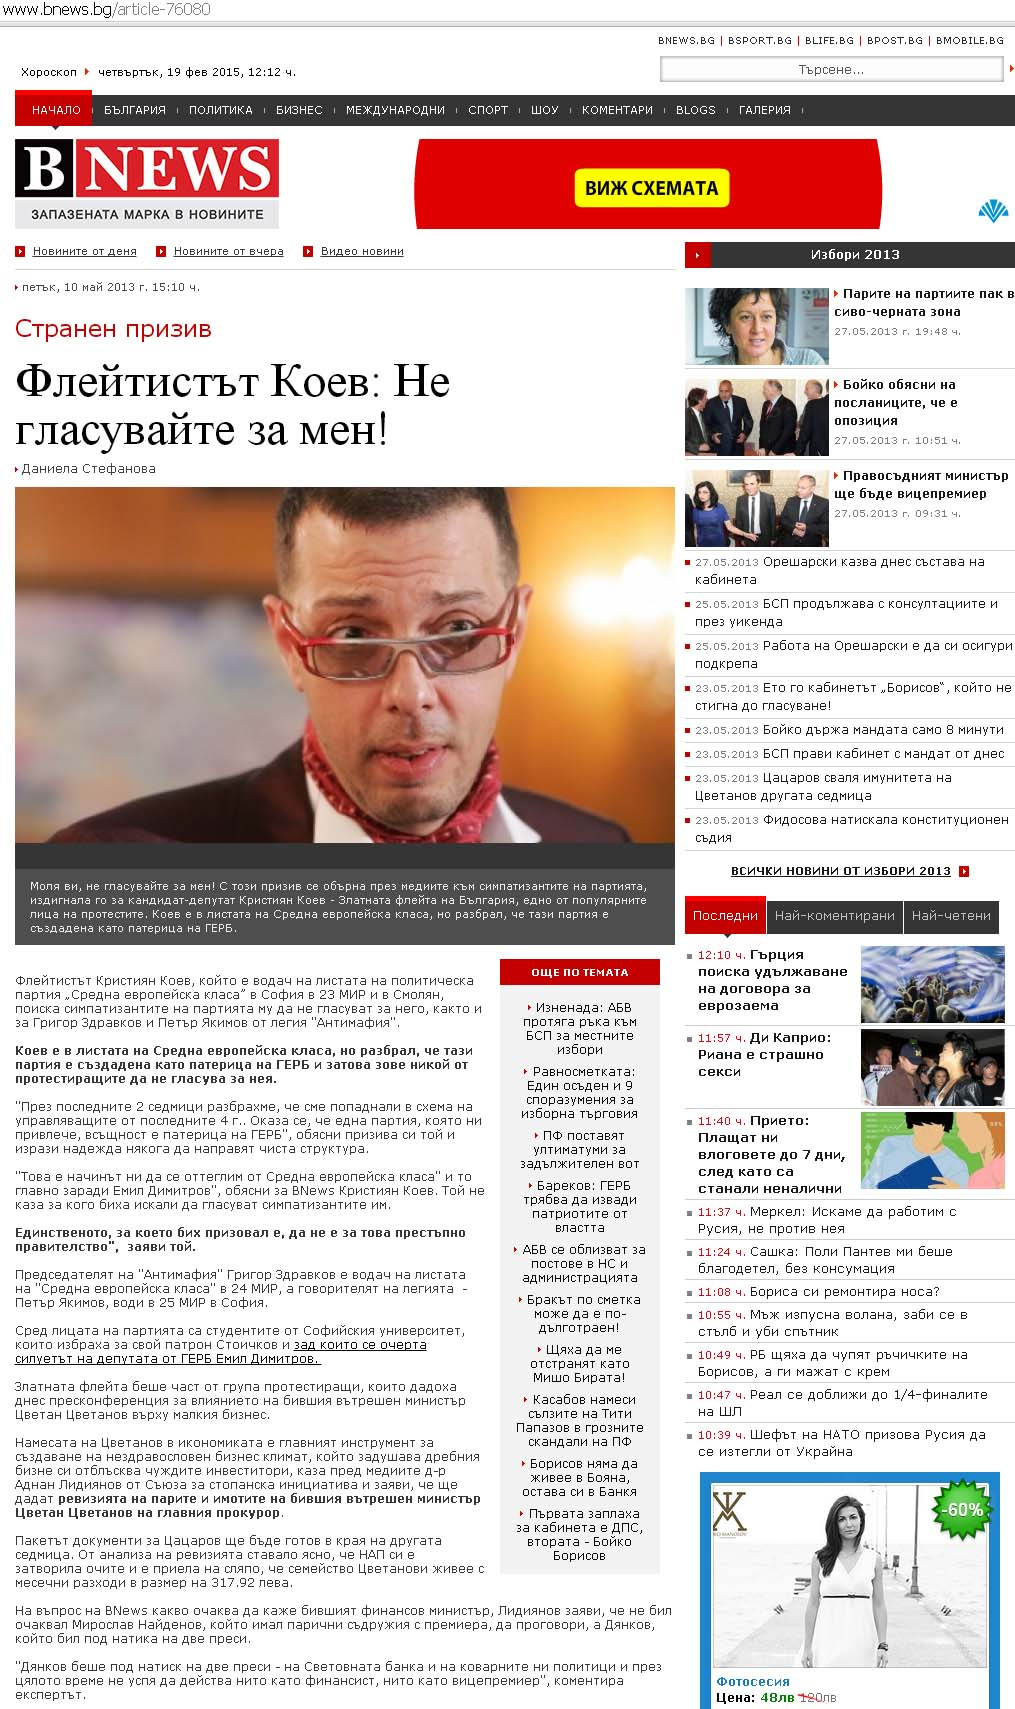 Флейтистът Коев: Не гласувайте за мен!